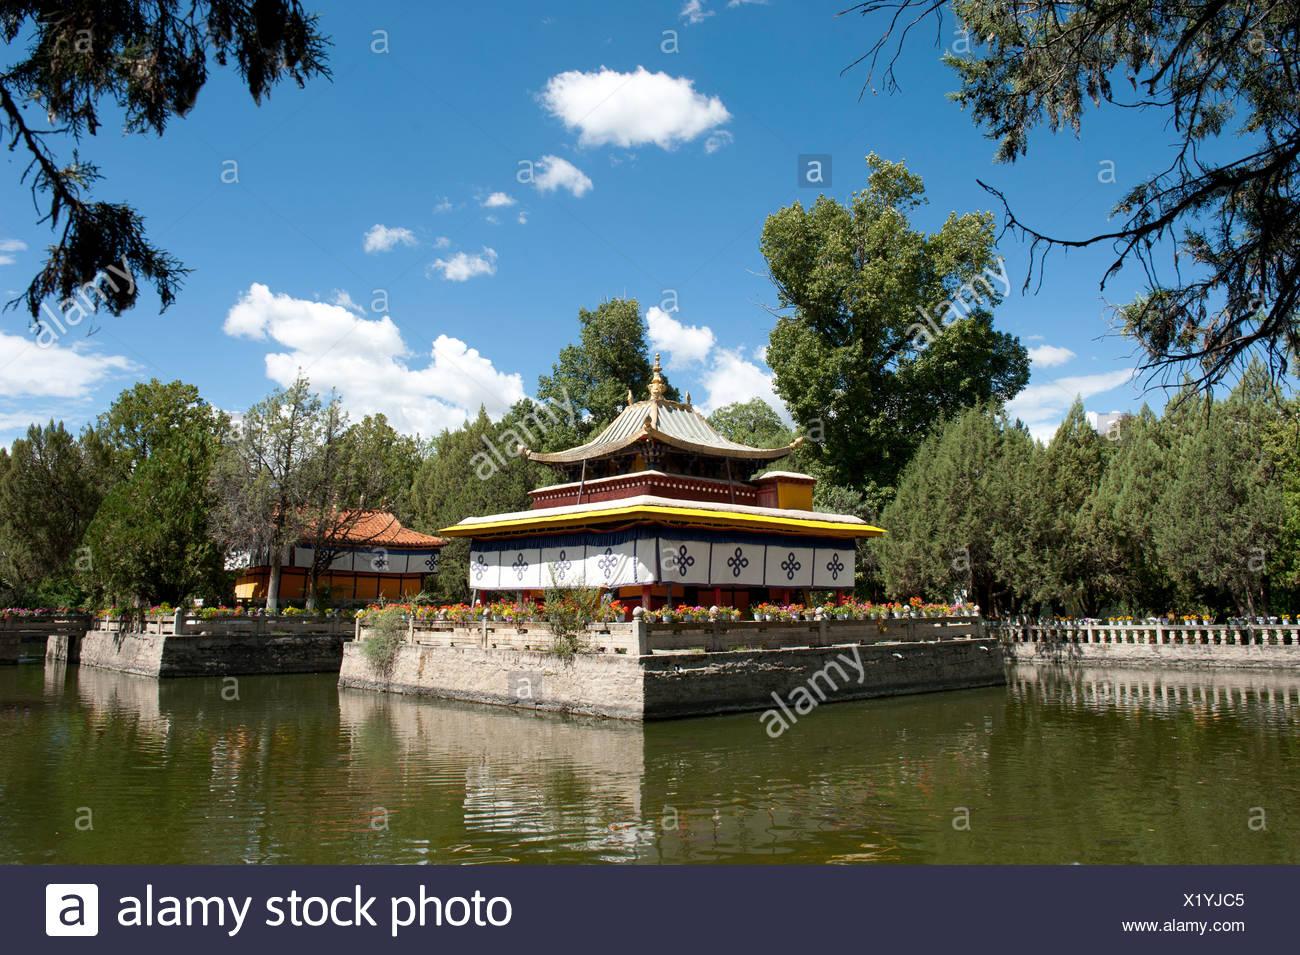 Le bouddhisme tibétain, temple sur le lac dans le parc de Norbulingka, résidence d'été du Dalaï Lama, Lhassa, Ue-Tsang Photo Stock